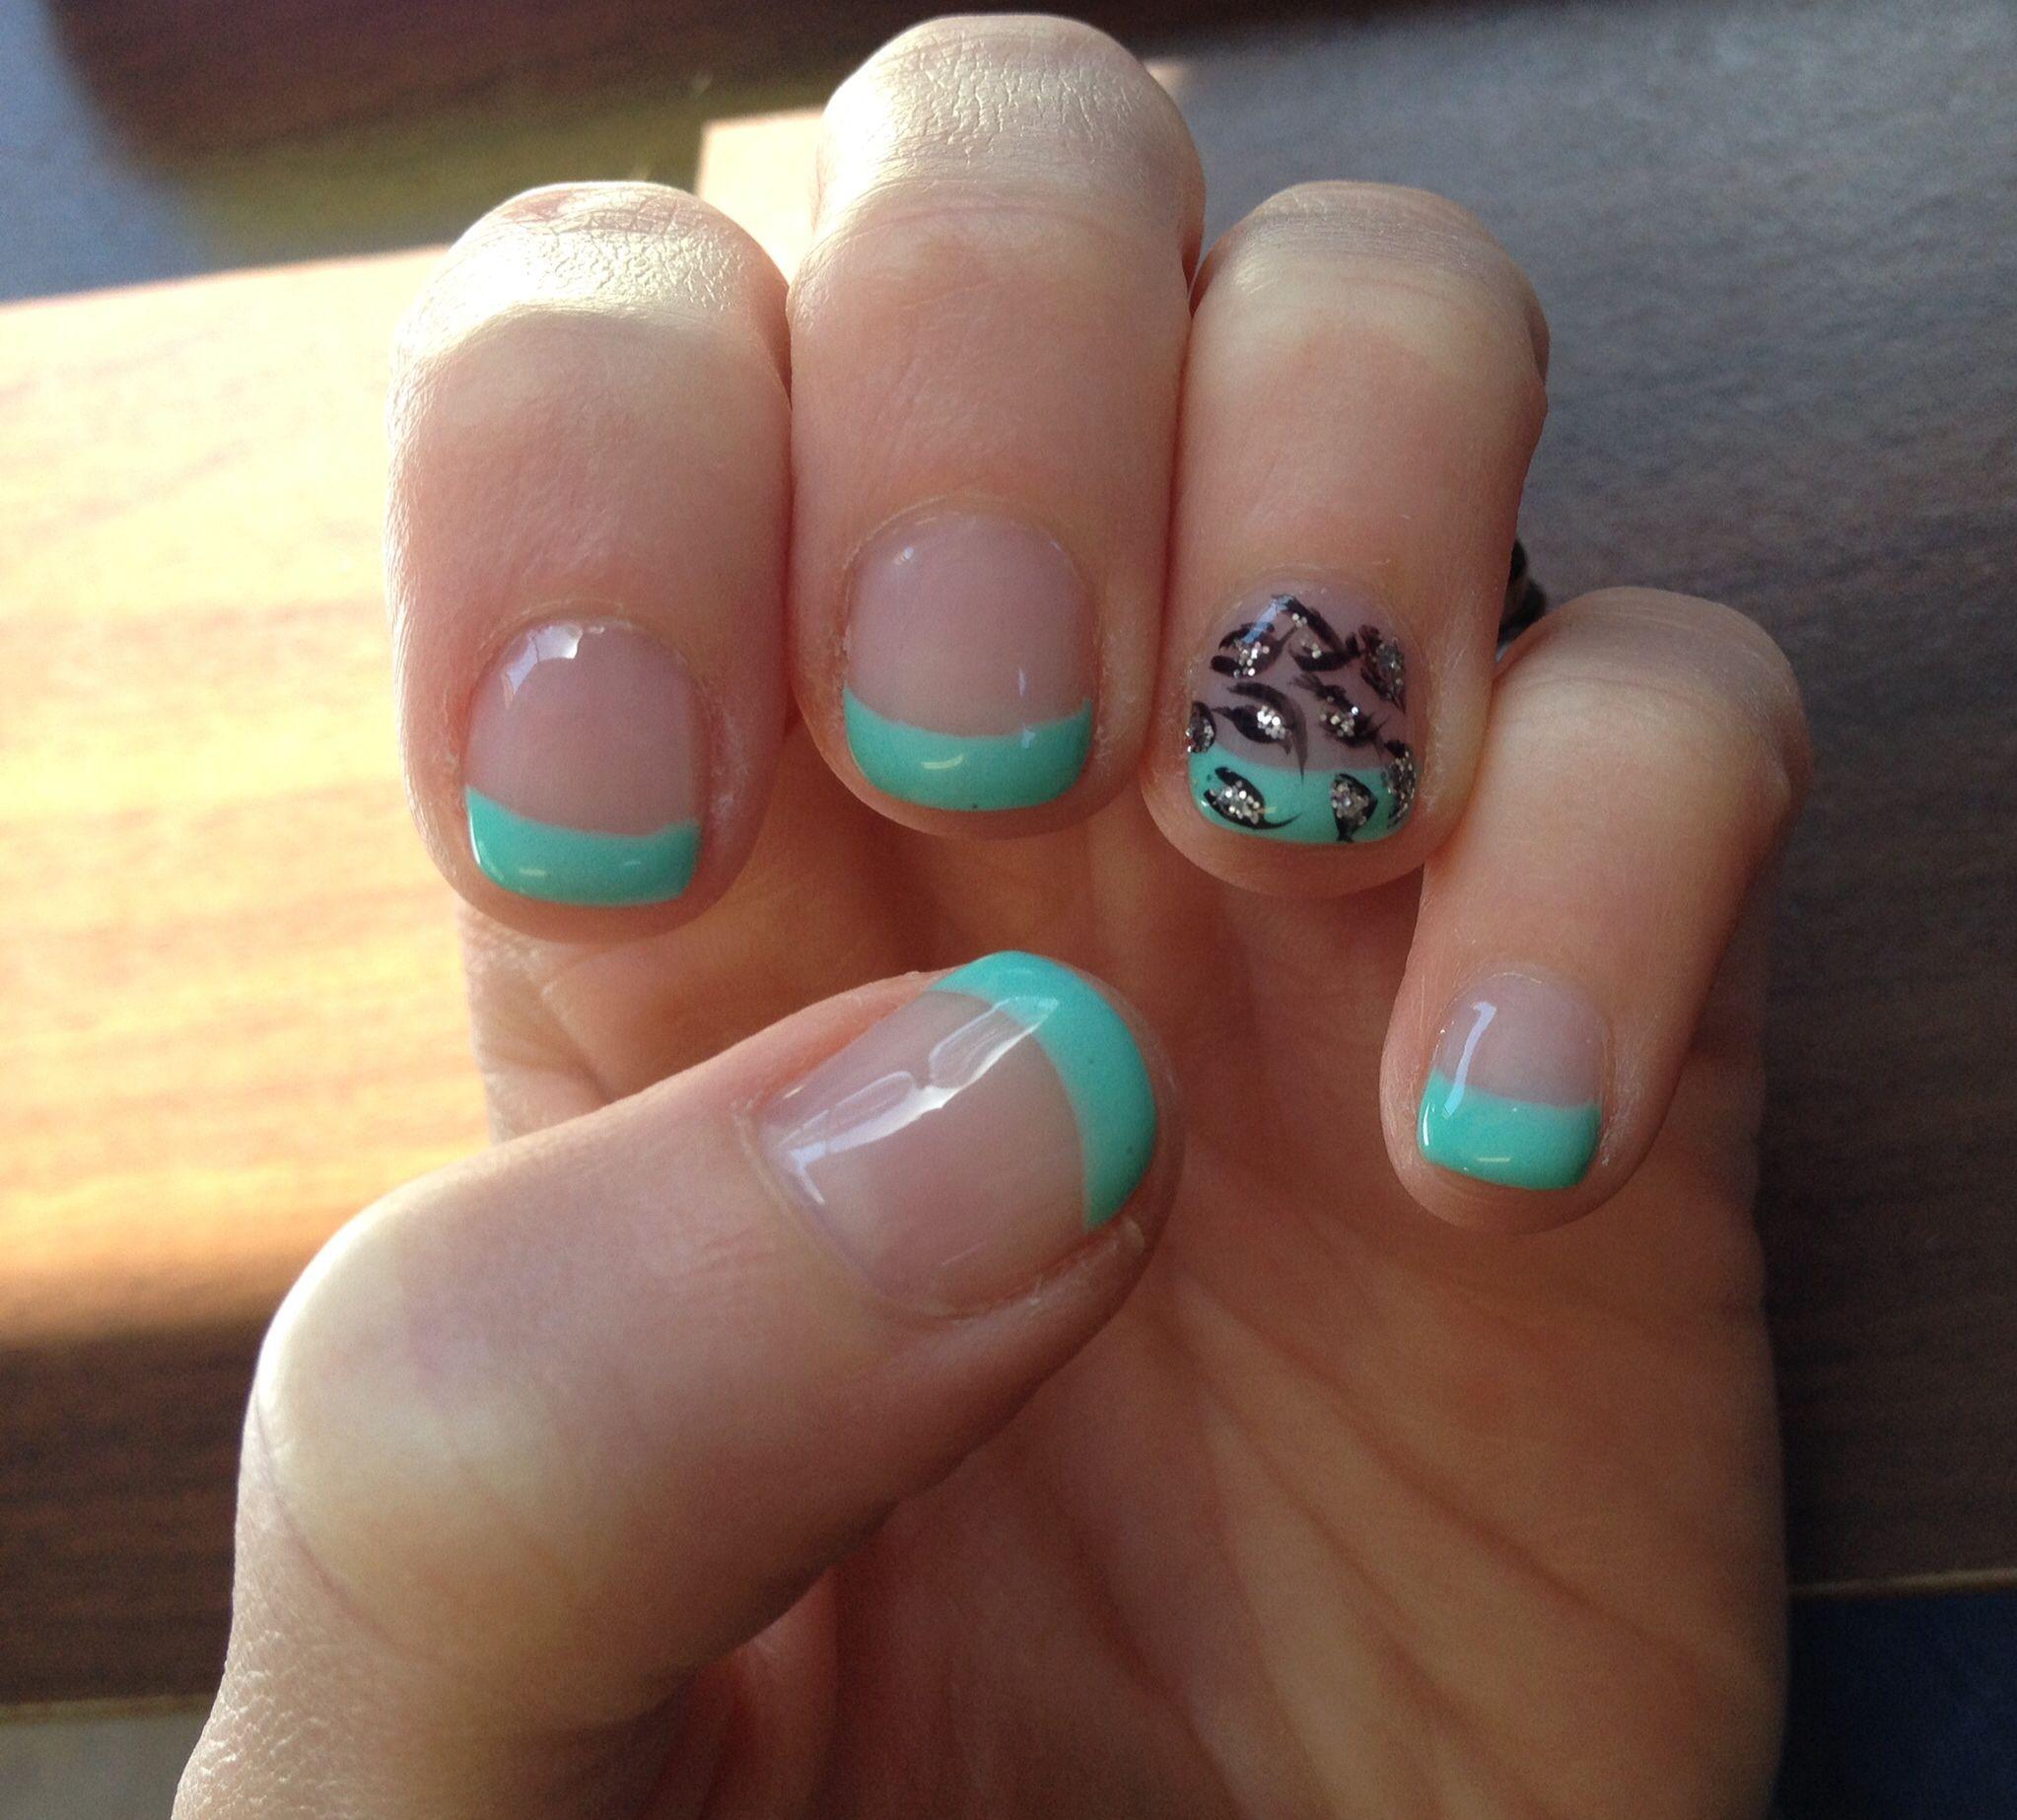 Gel Nails Design Exoticnails Teal Tips With Leopard Print Design On